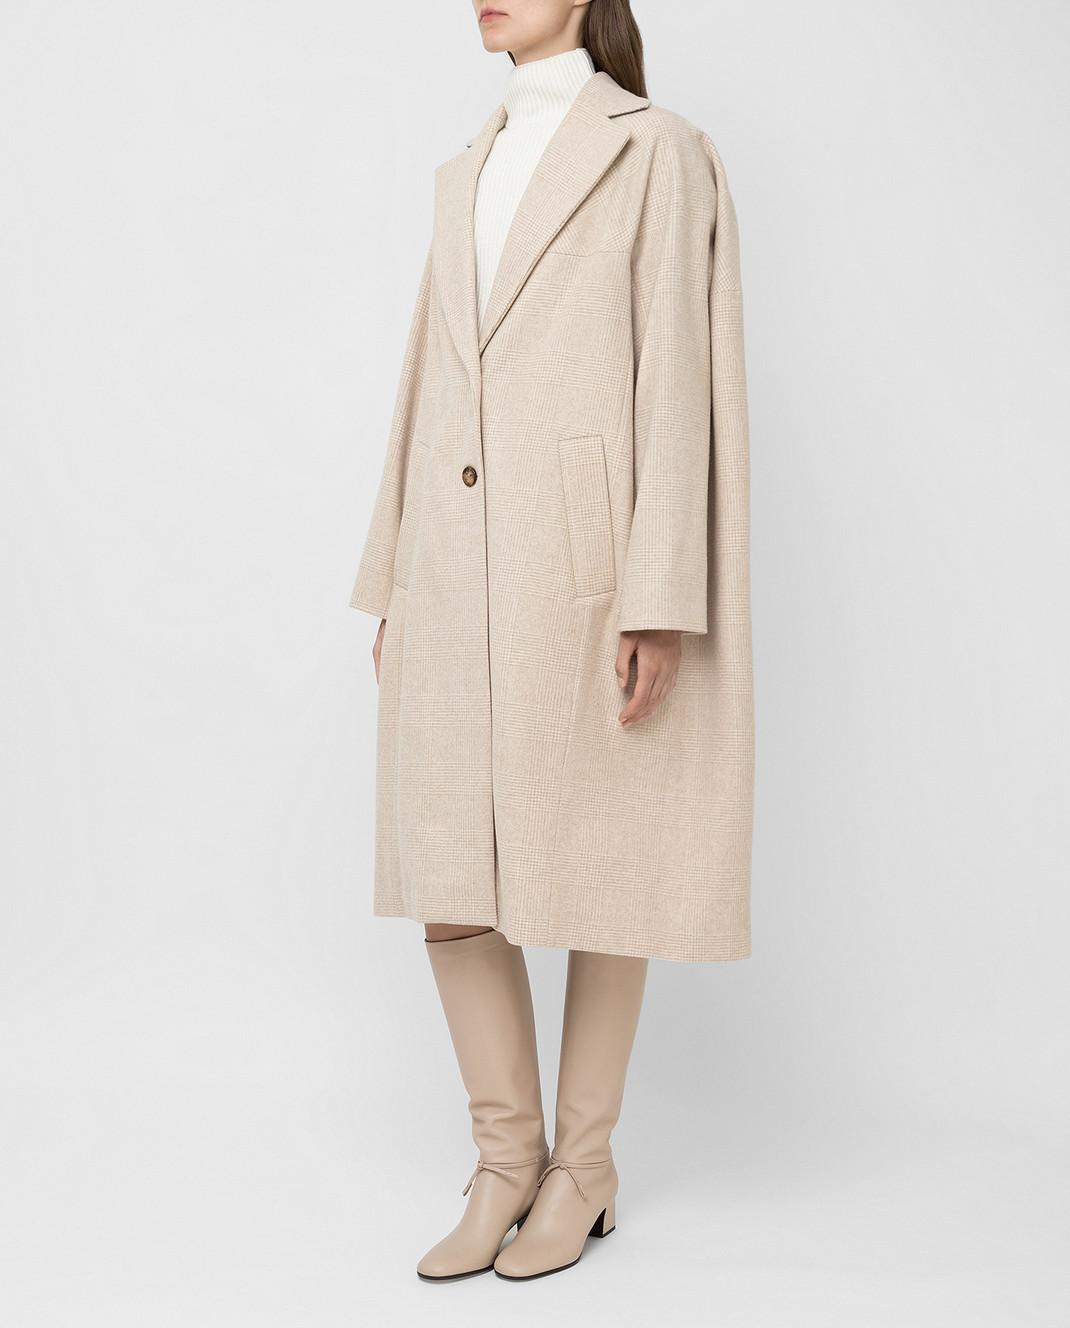 NINA RICCI Светло-бежевое пальто из шерсти изображение 3